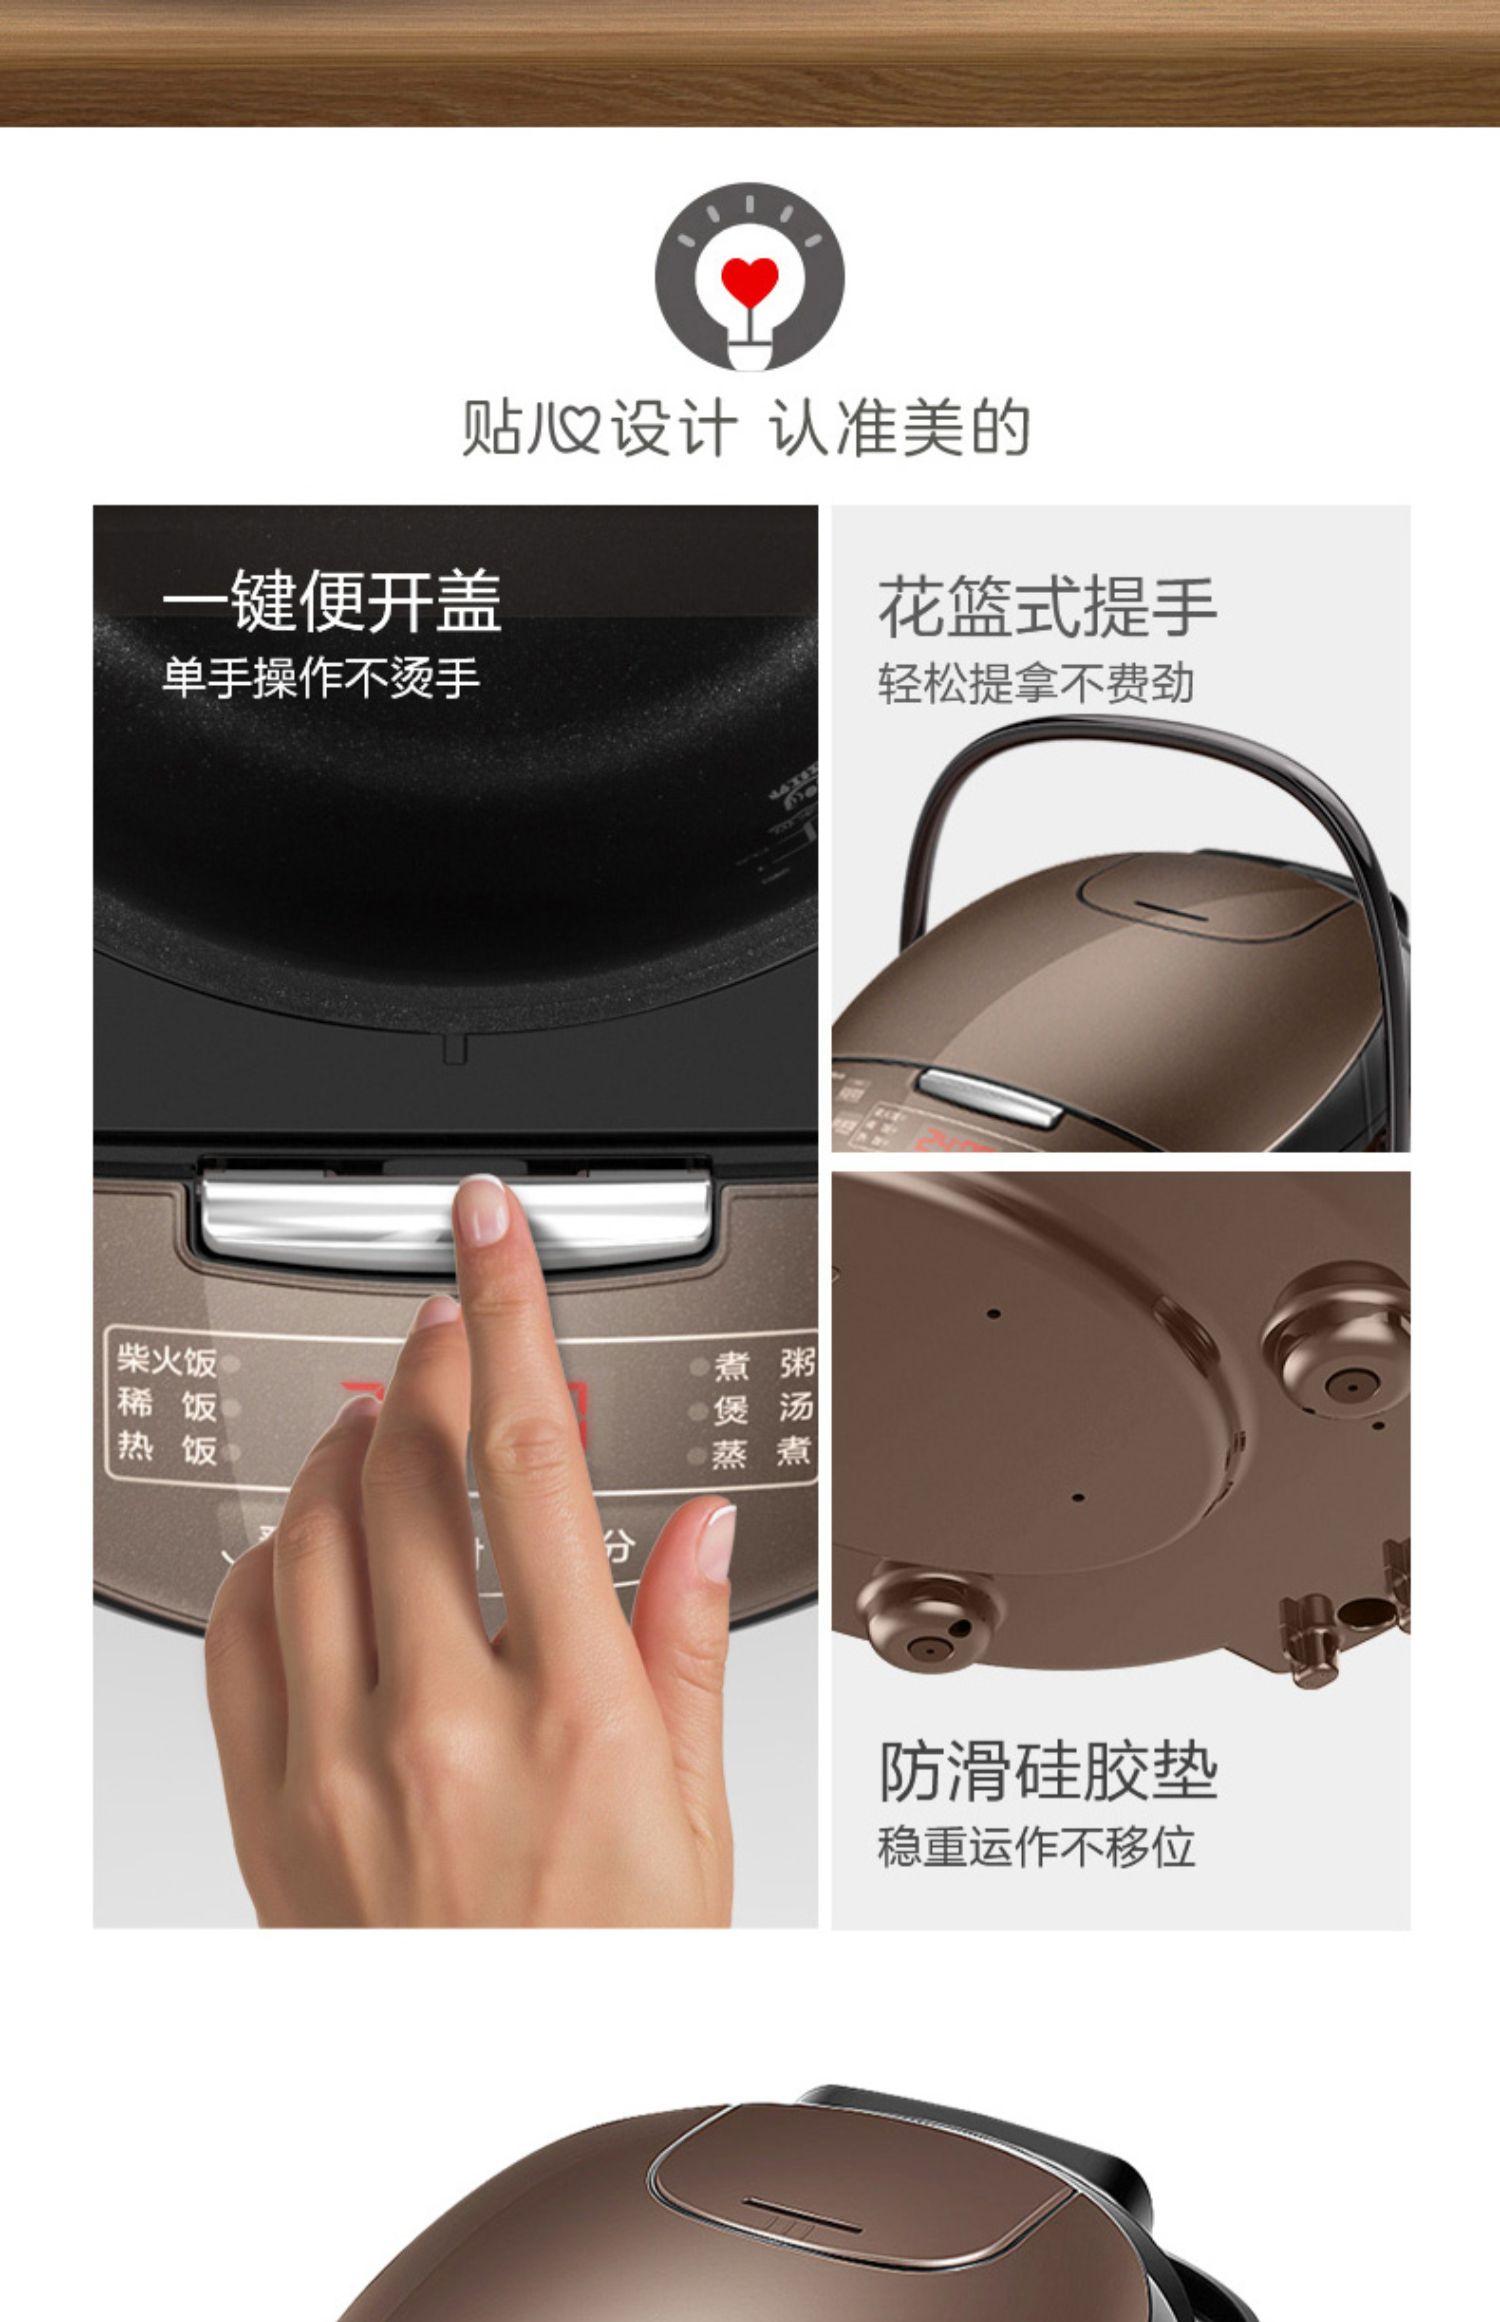 爆款!【美的】全自动多功能智能电饭煲